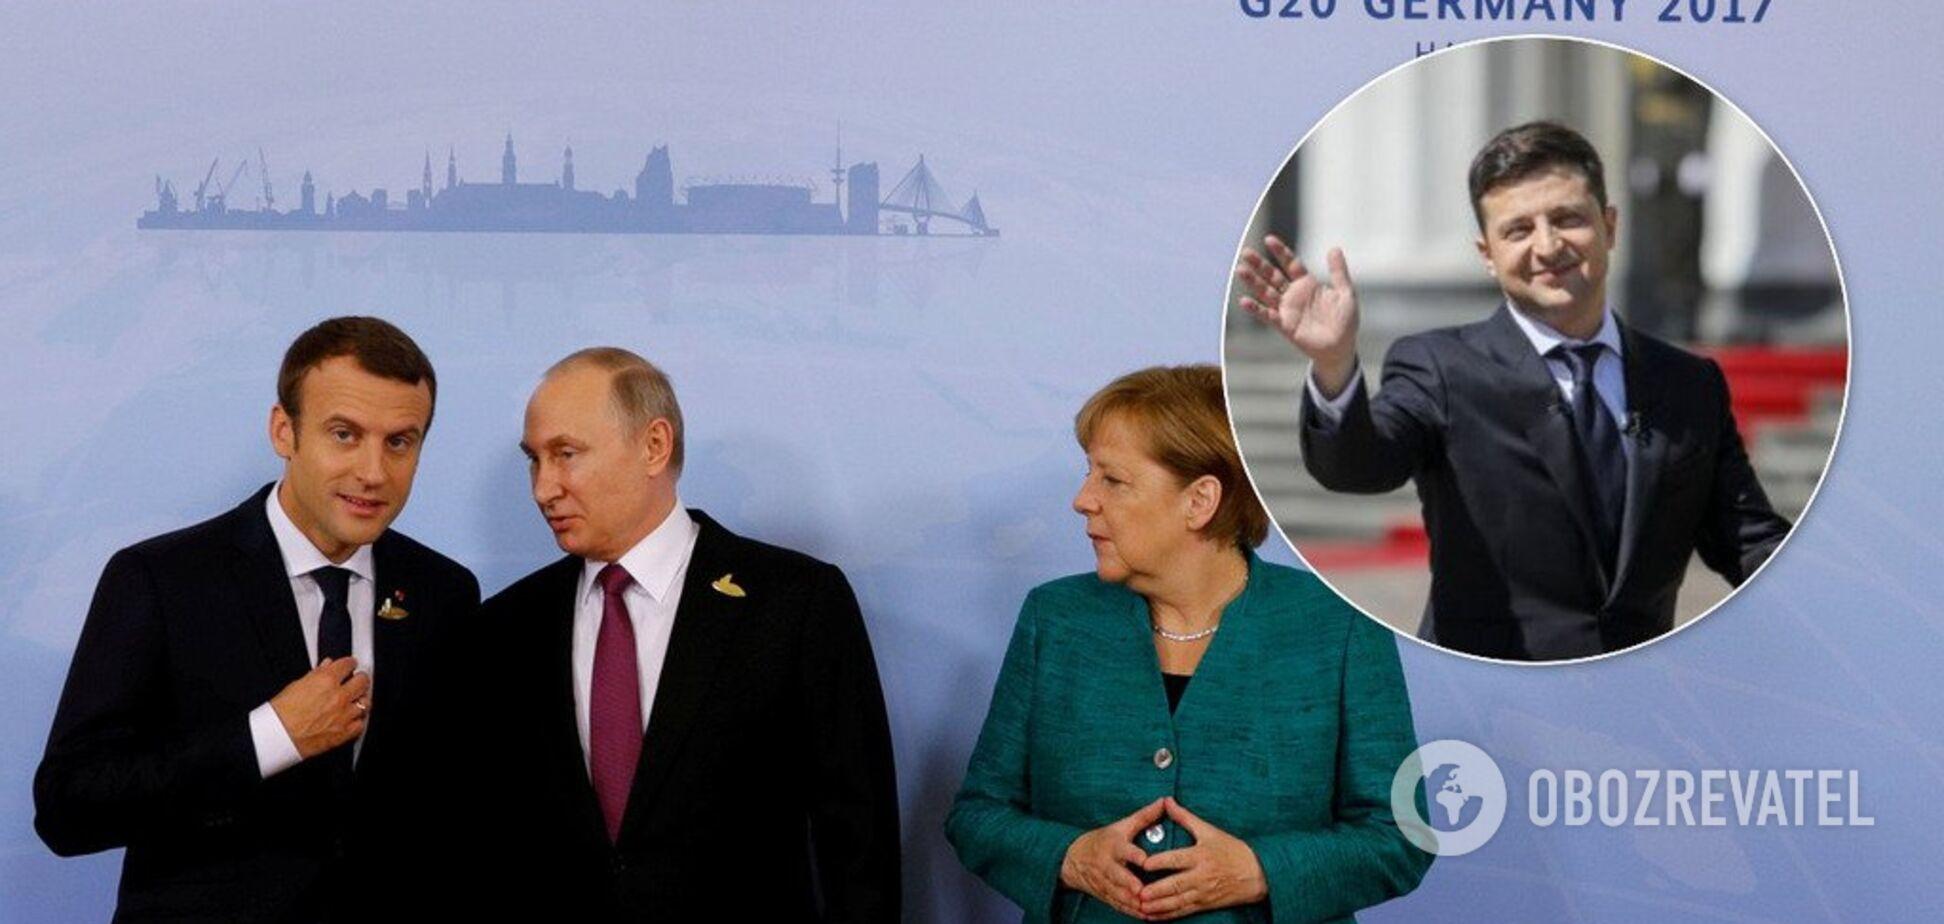 Зеленський анонсував швидку зустріч з Путіним